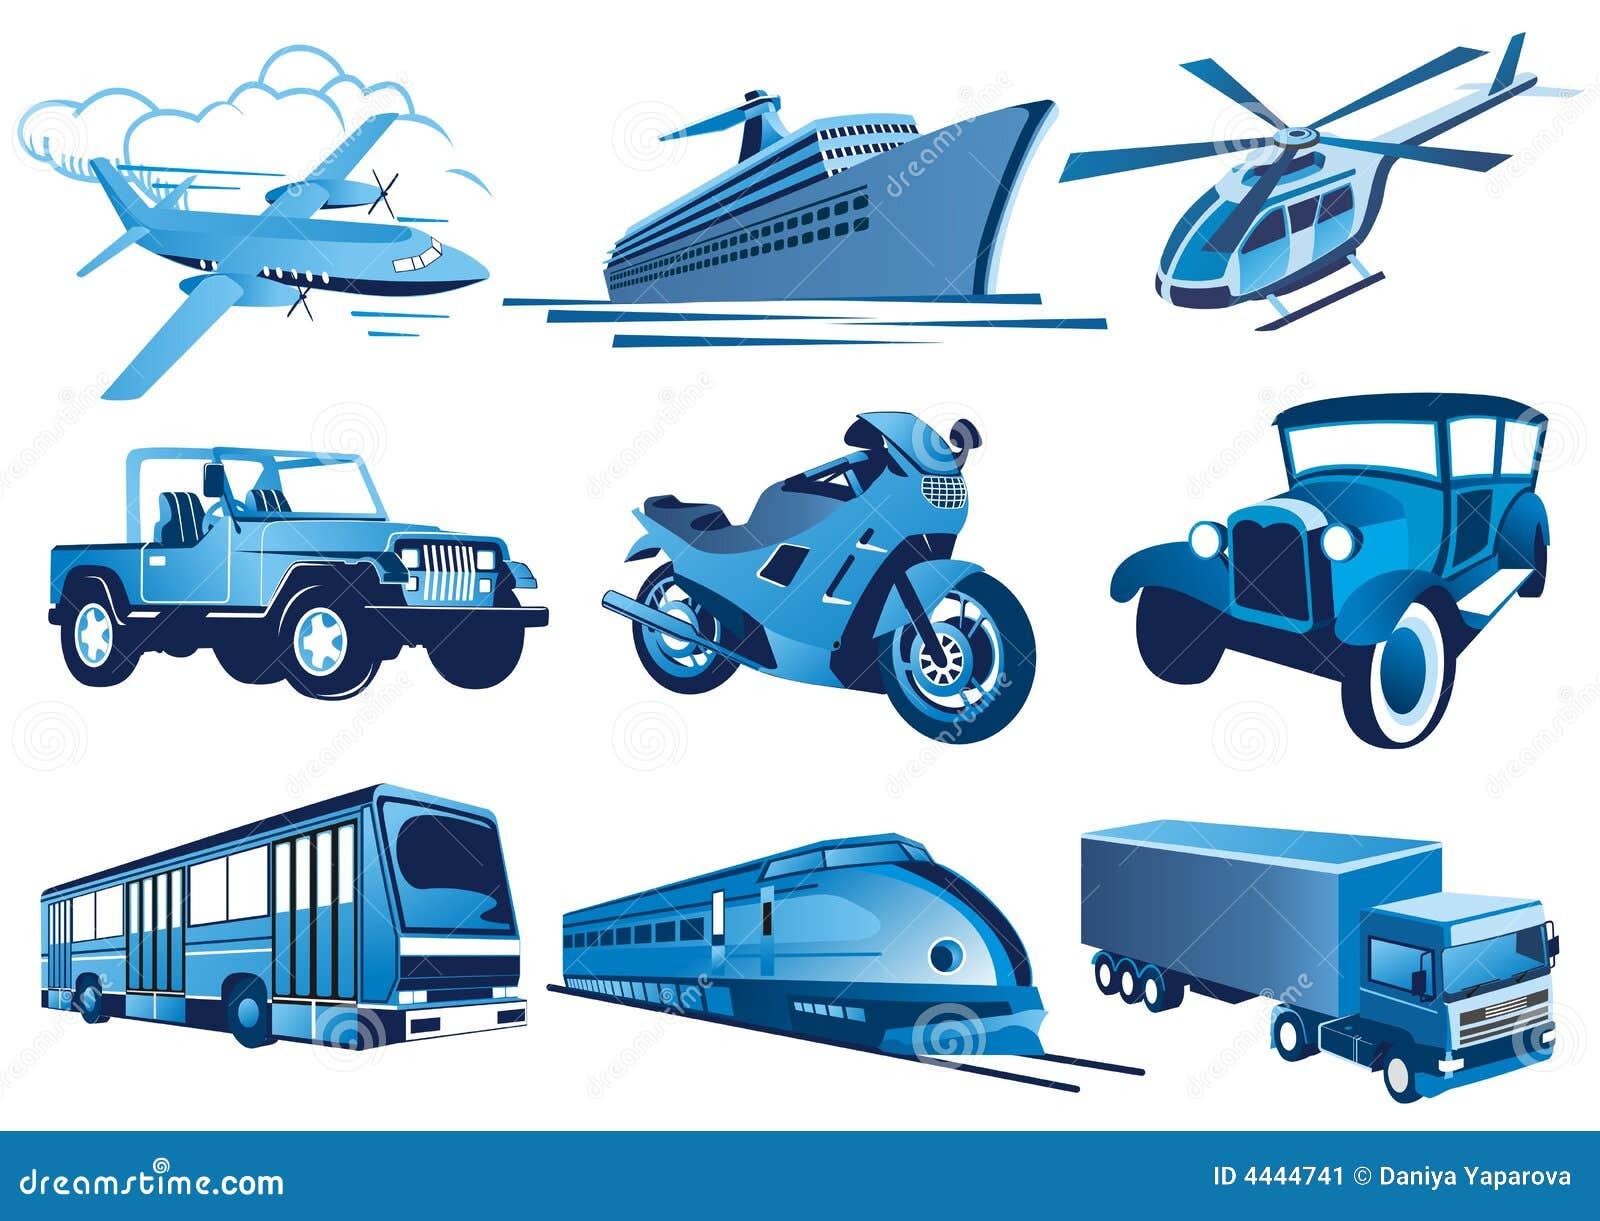 Iconos Del Transporte Imagen De Archivo Imagen 4444741